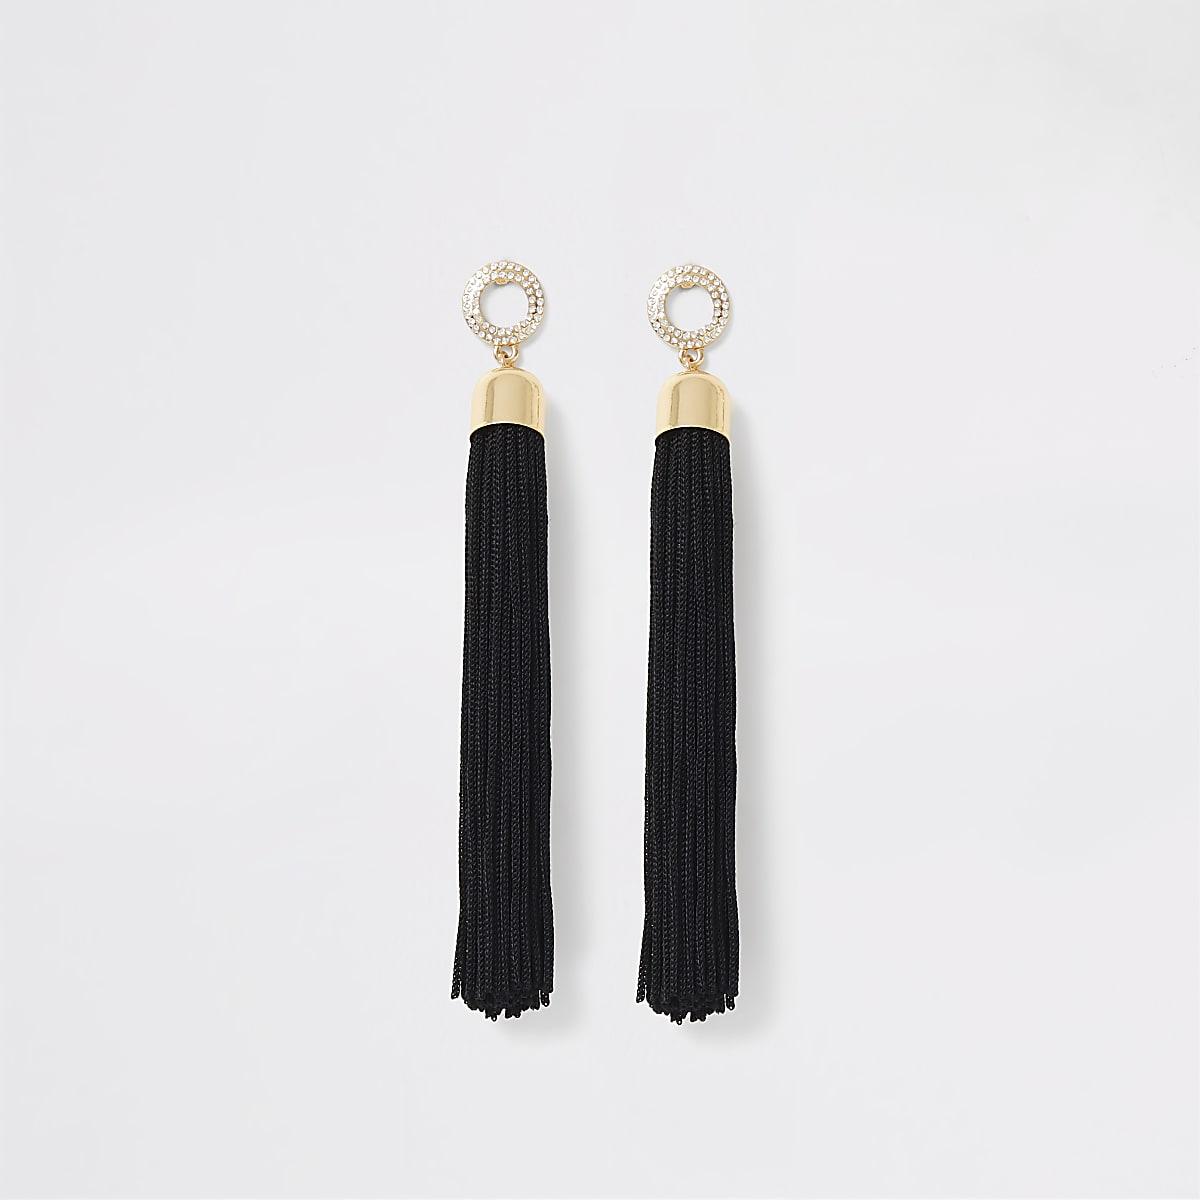 Black rhinestone pave tassel drop earrings